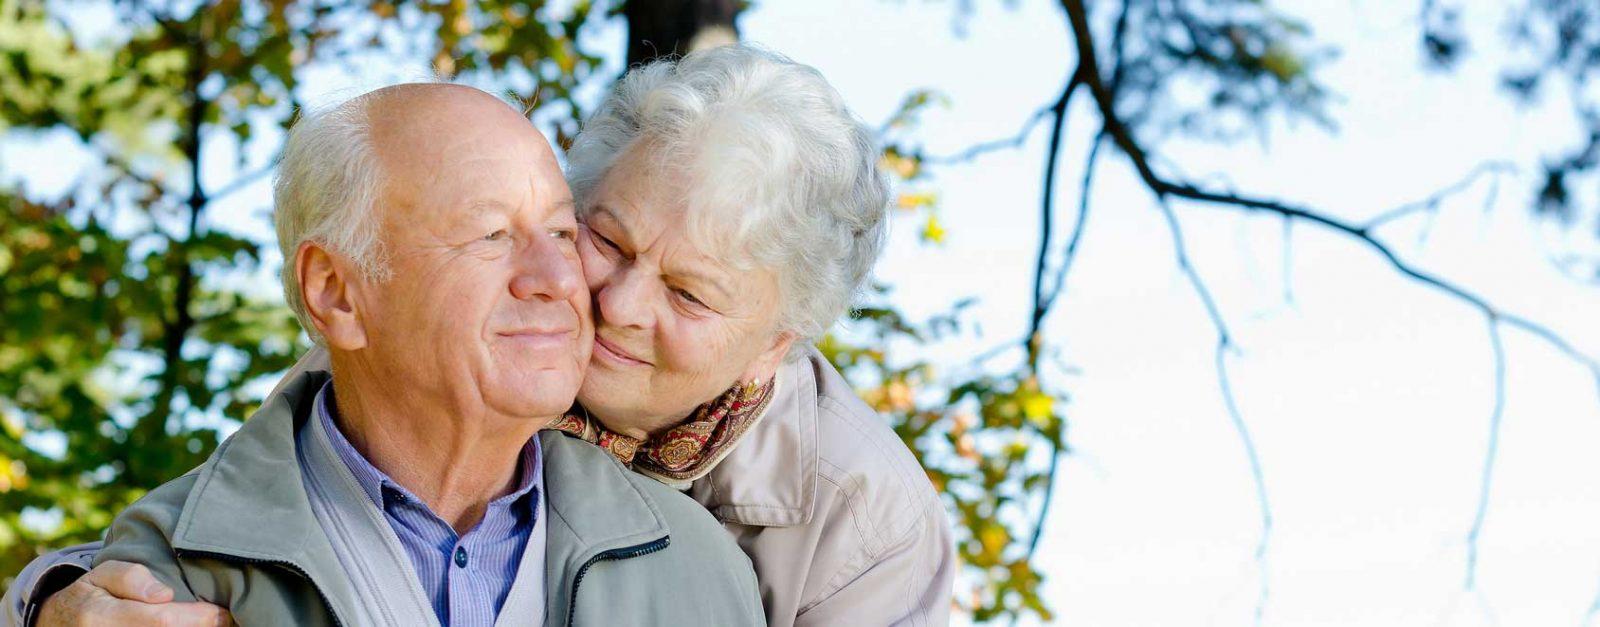 отдых в доме престарелых